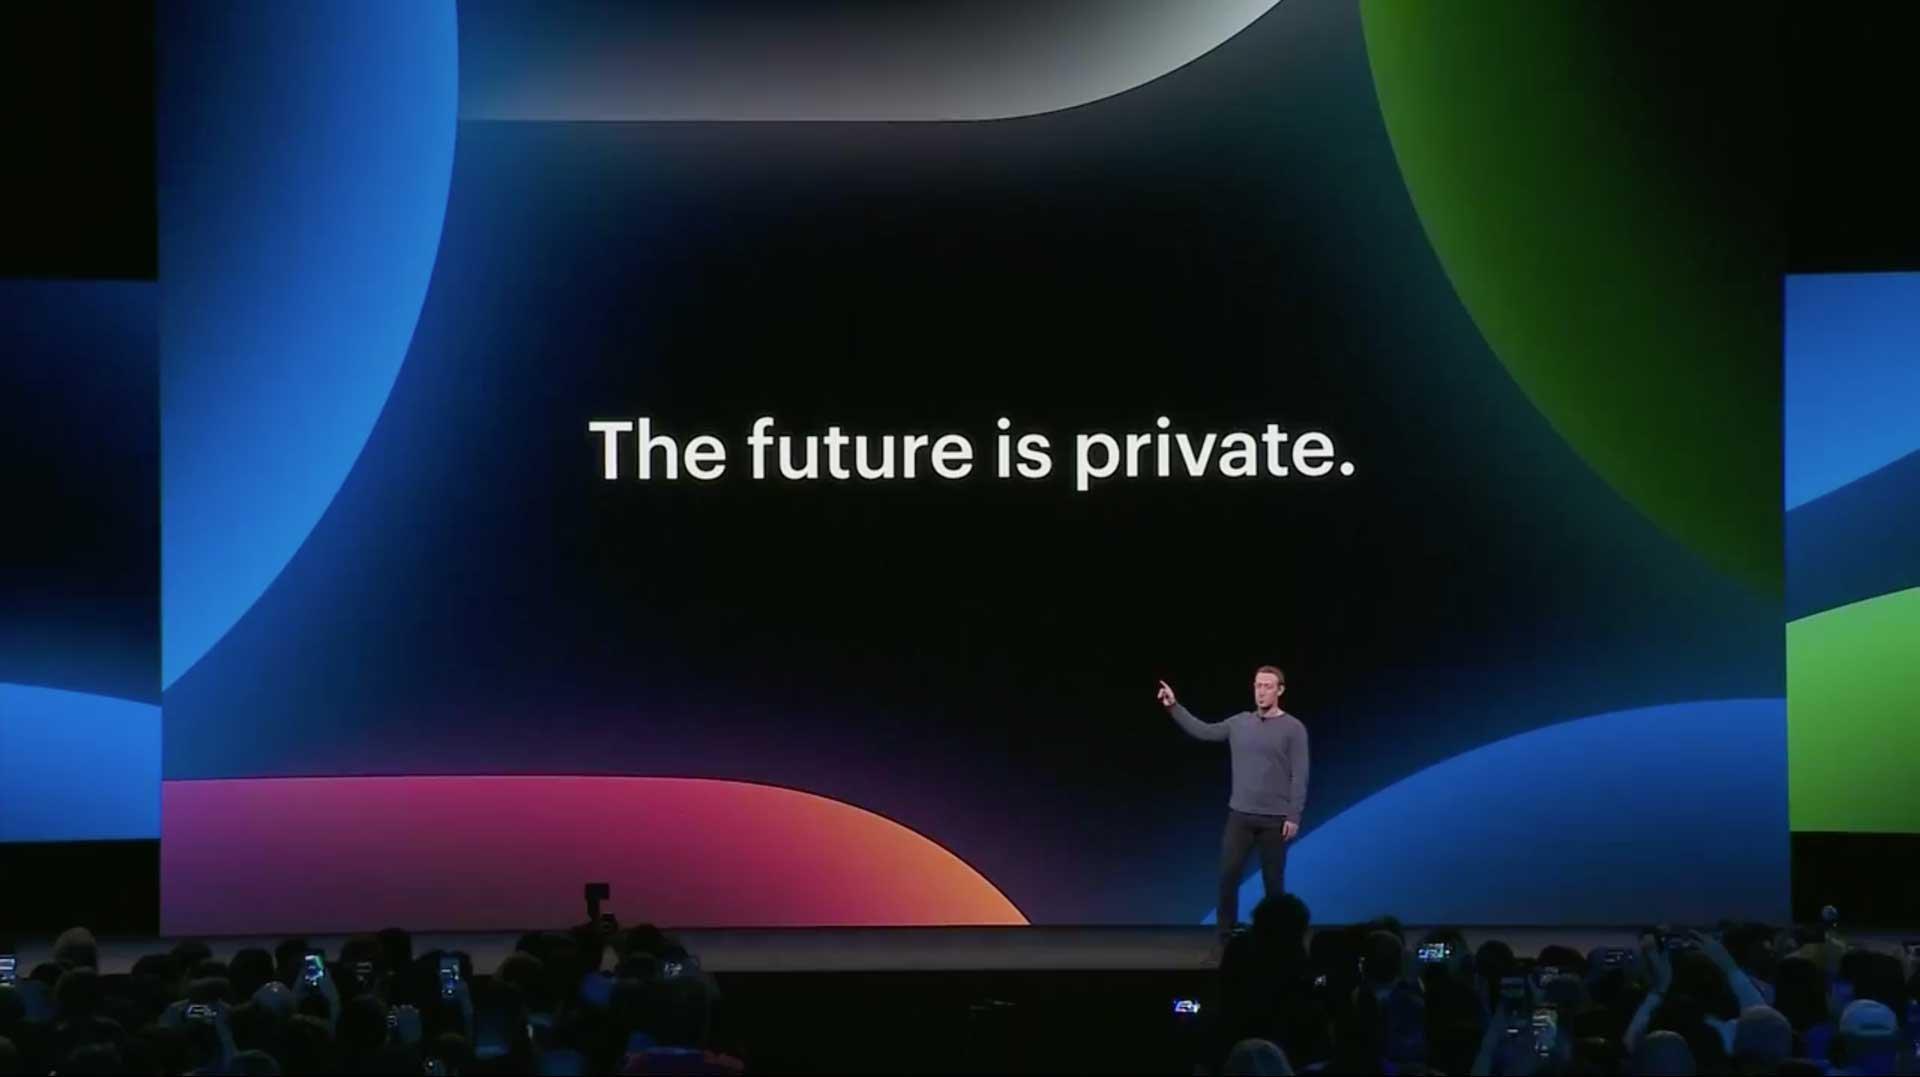 F82019 The future is private